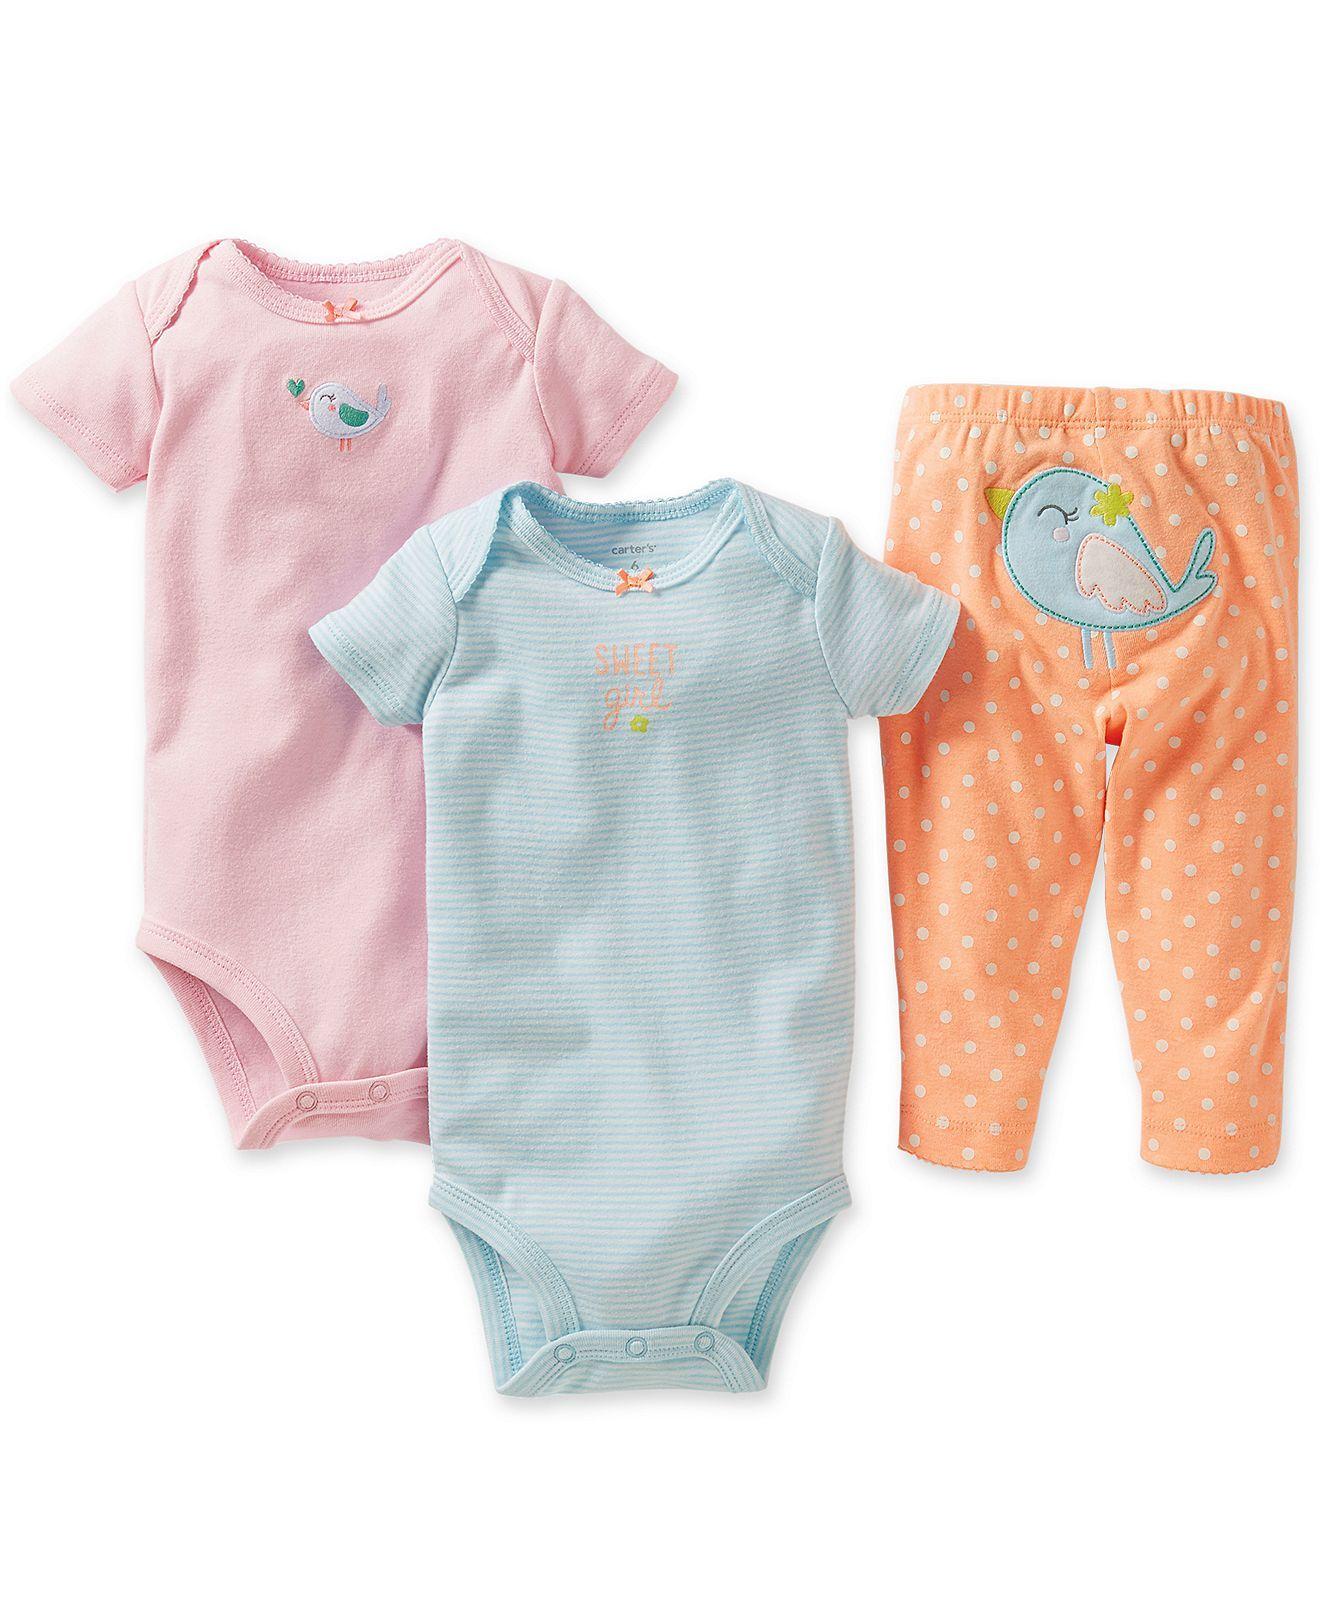 4d57045b3903 Carter s Baby Girls  3-Piece Birdie Bodysuits   Pants Set - Kids ...